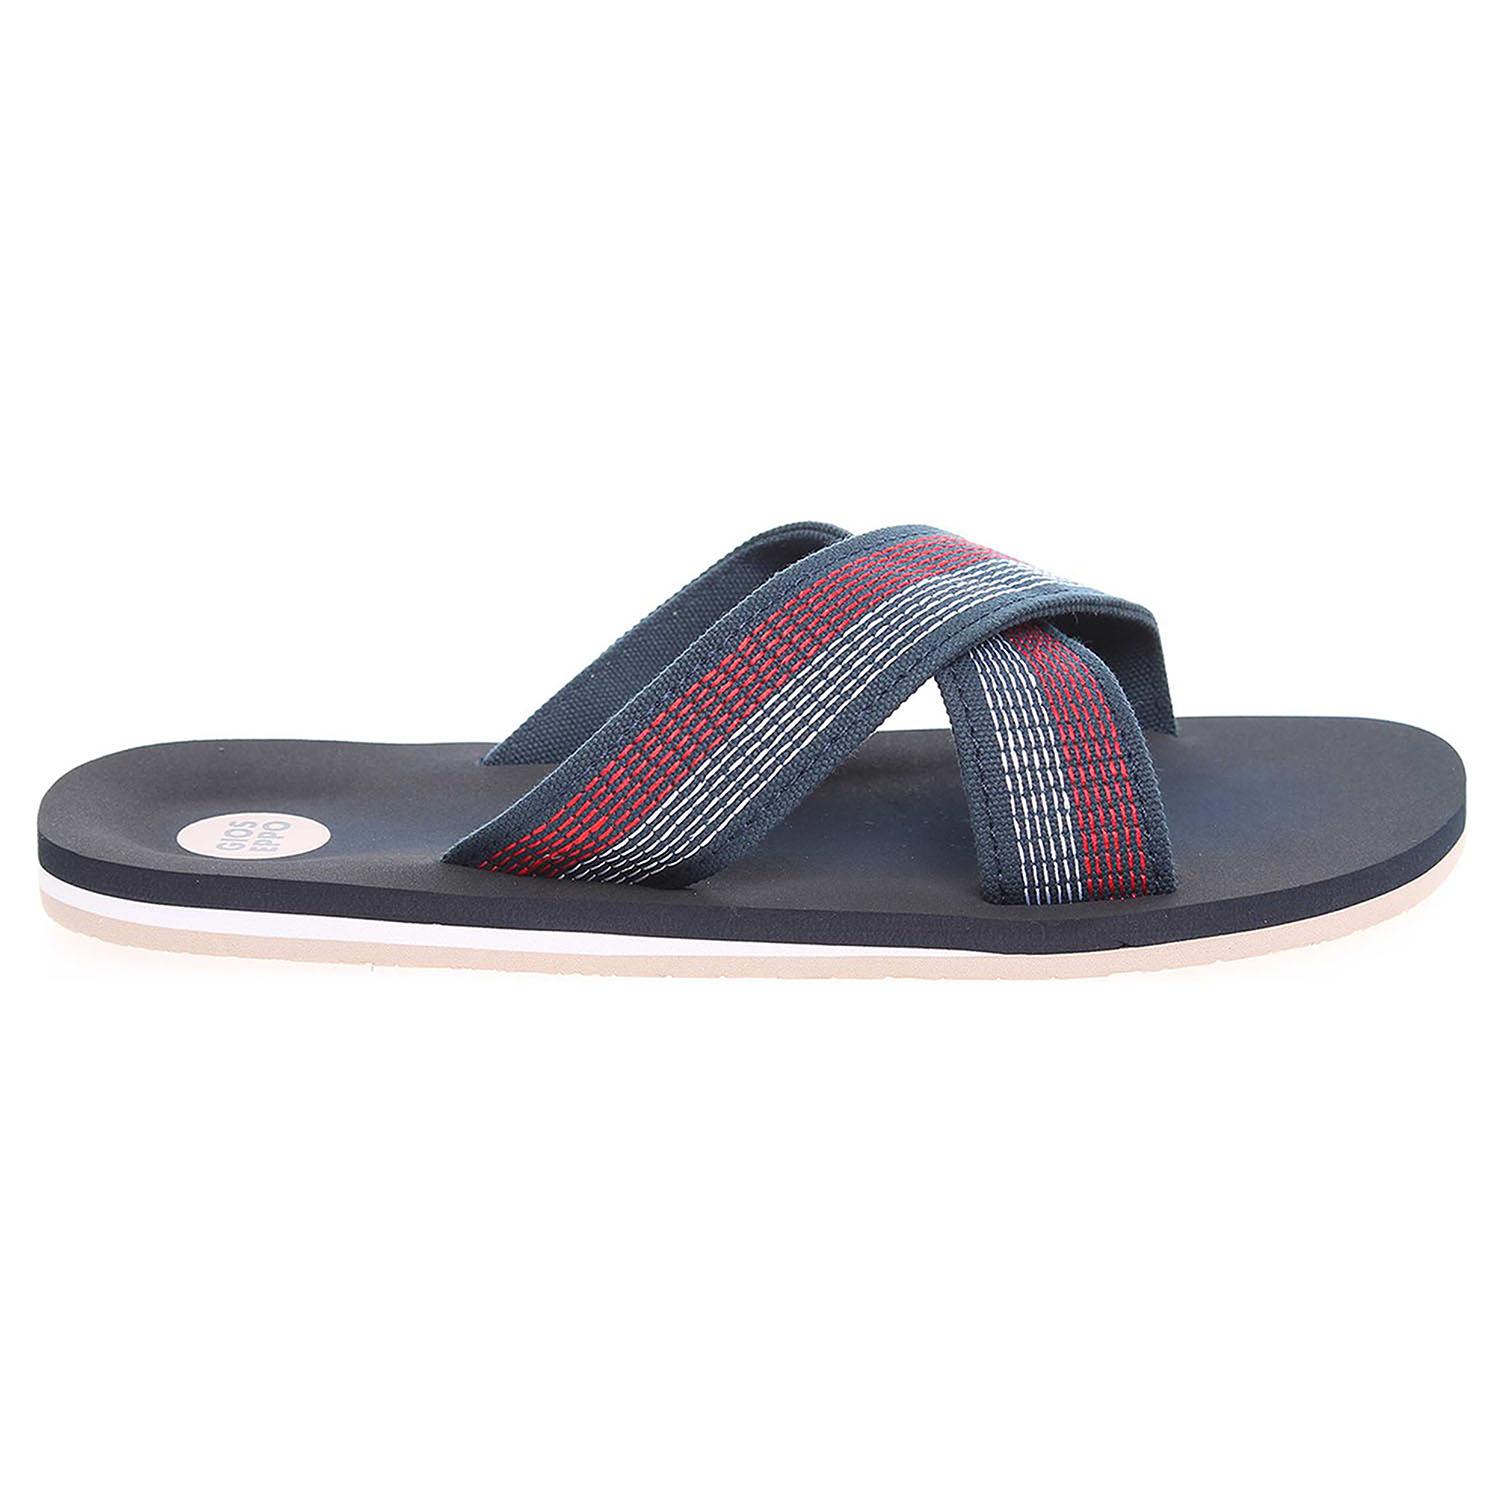 Gioseppo Evans pánské plážové pantofle modré 41